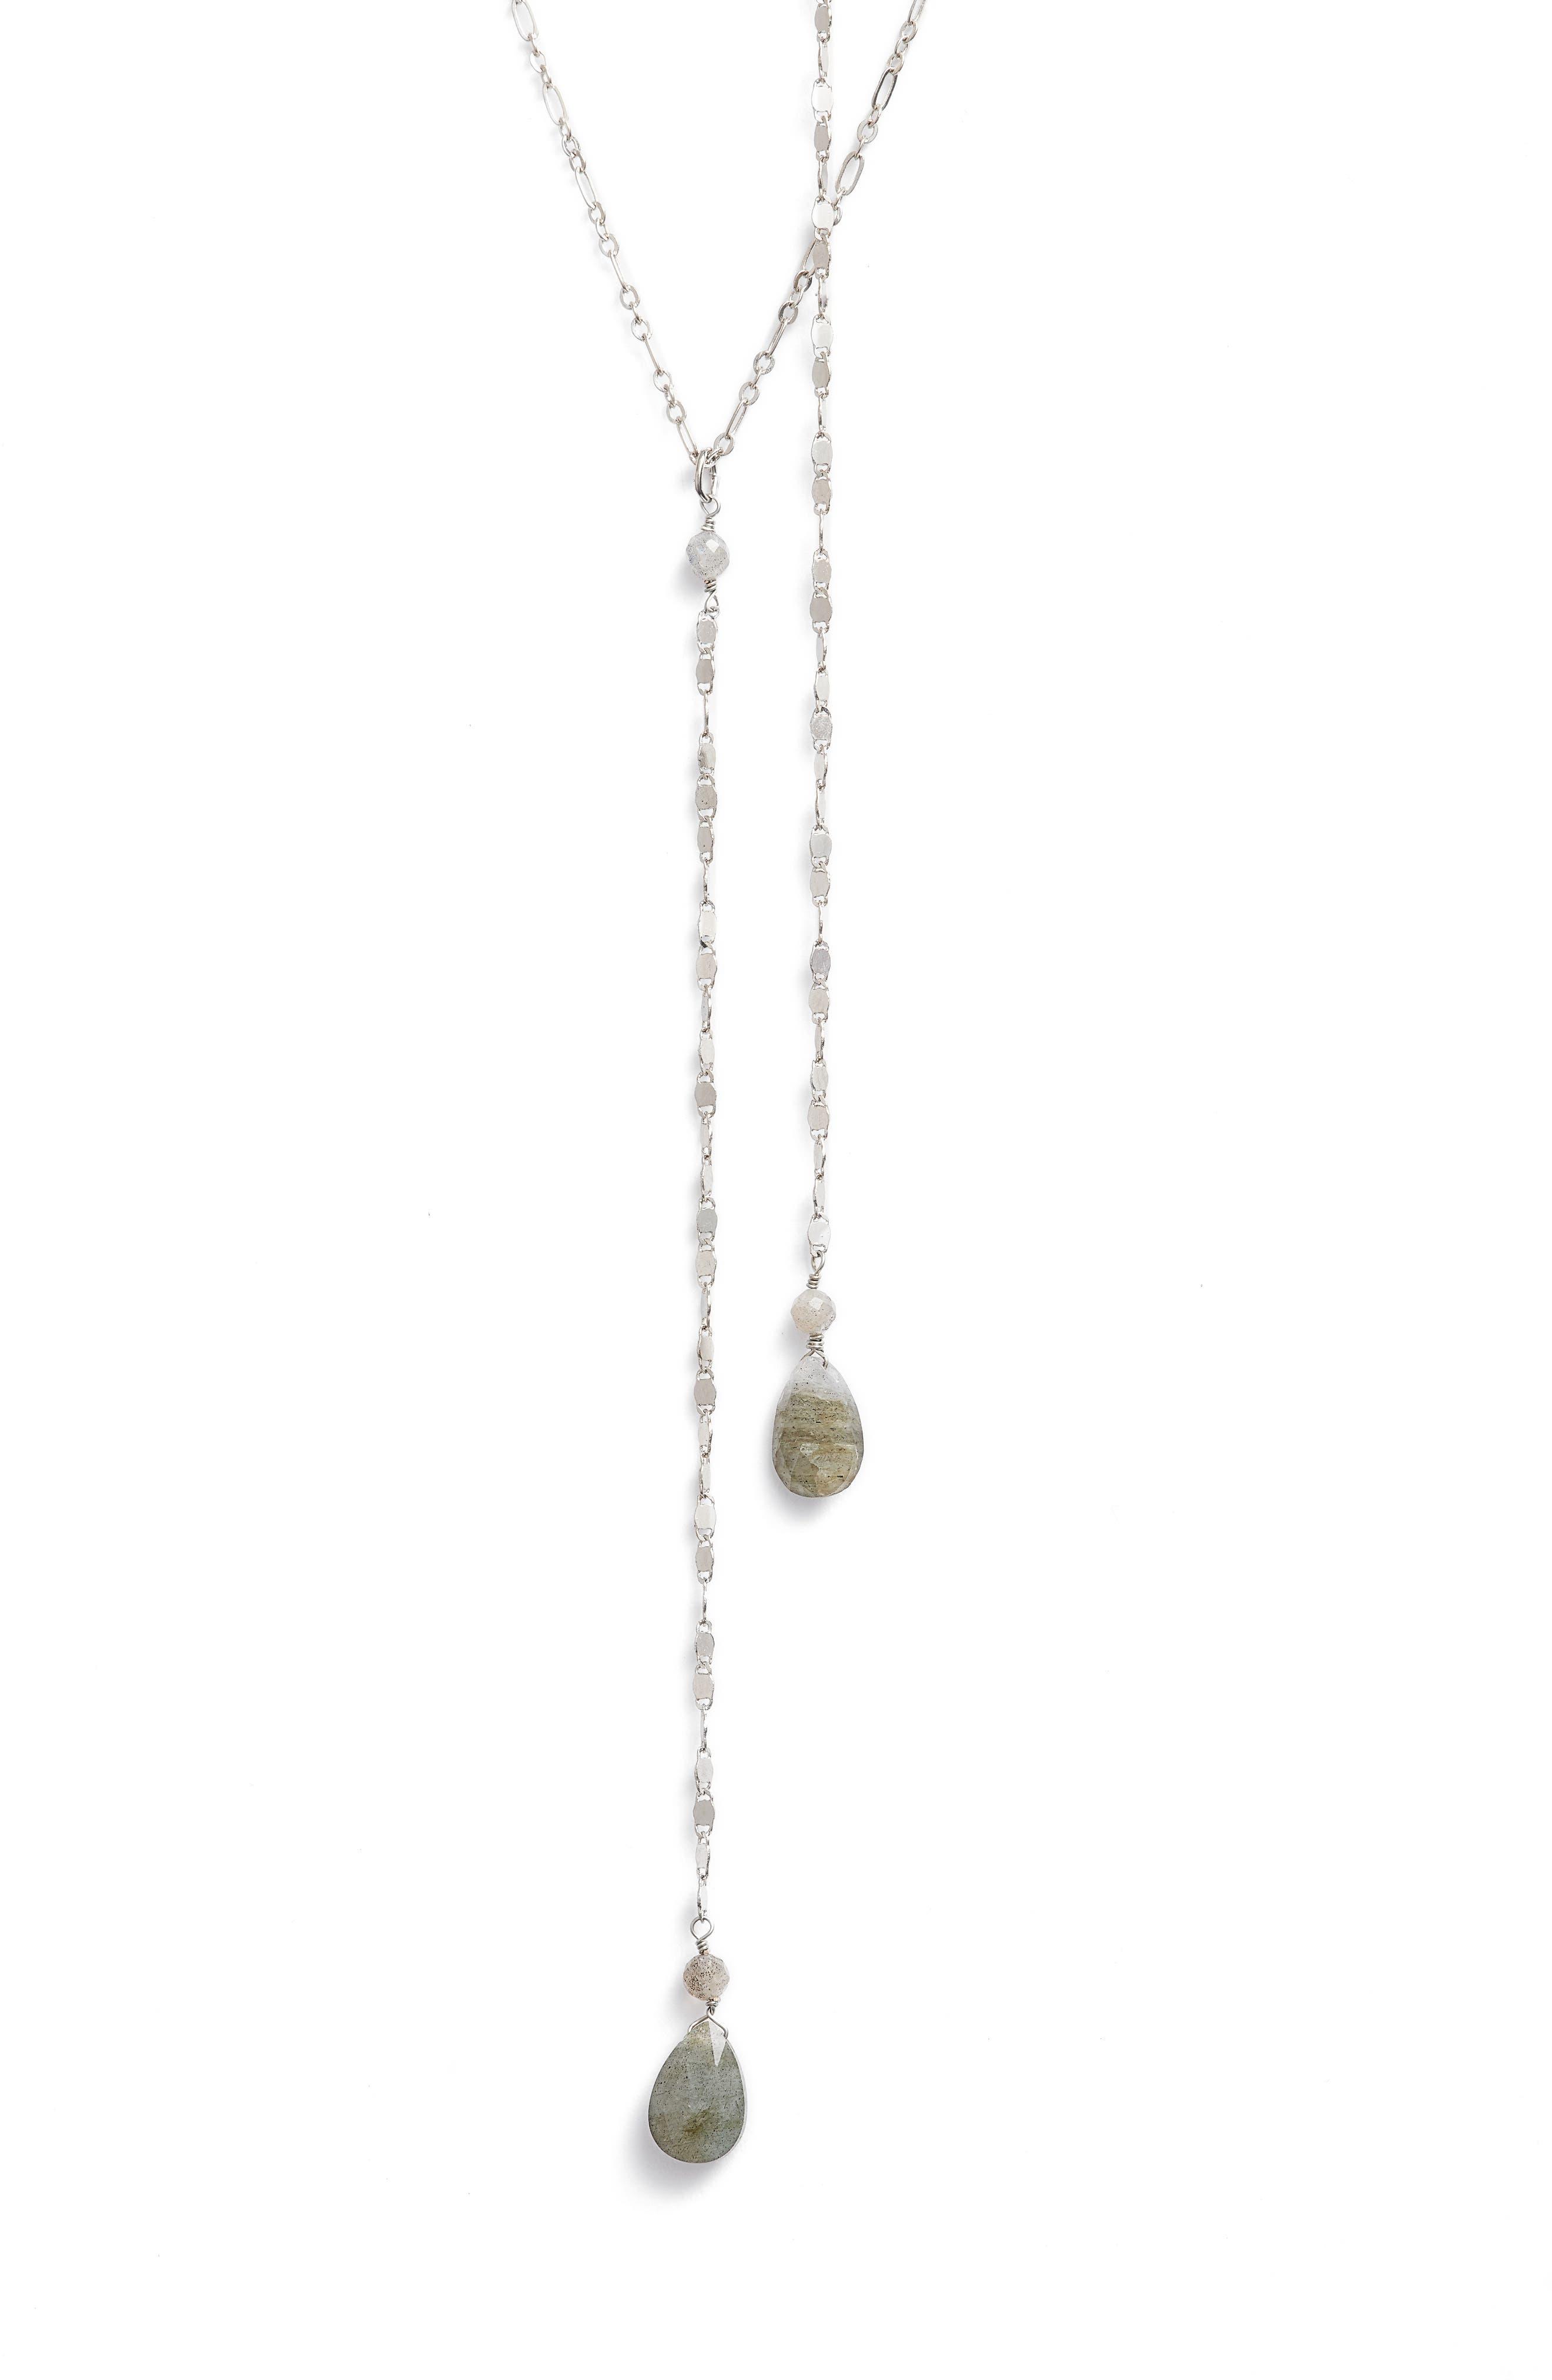 Labradorite Y-Necklace,                         Main,                         color, Silver/ Labradorite